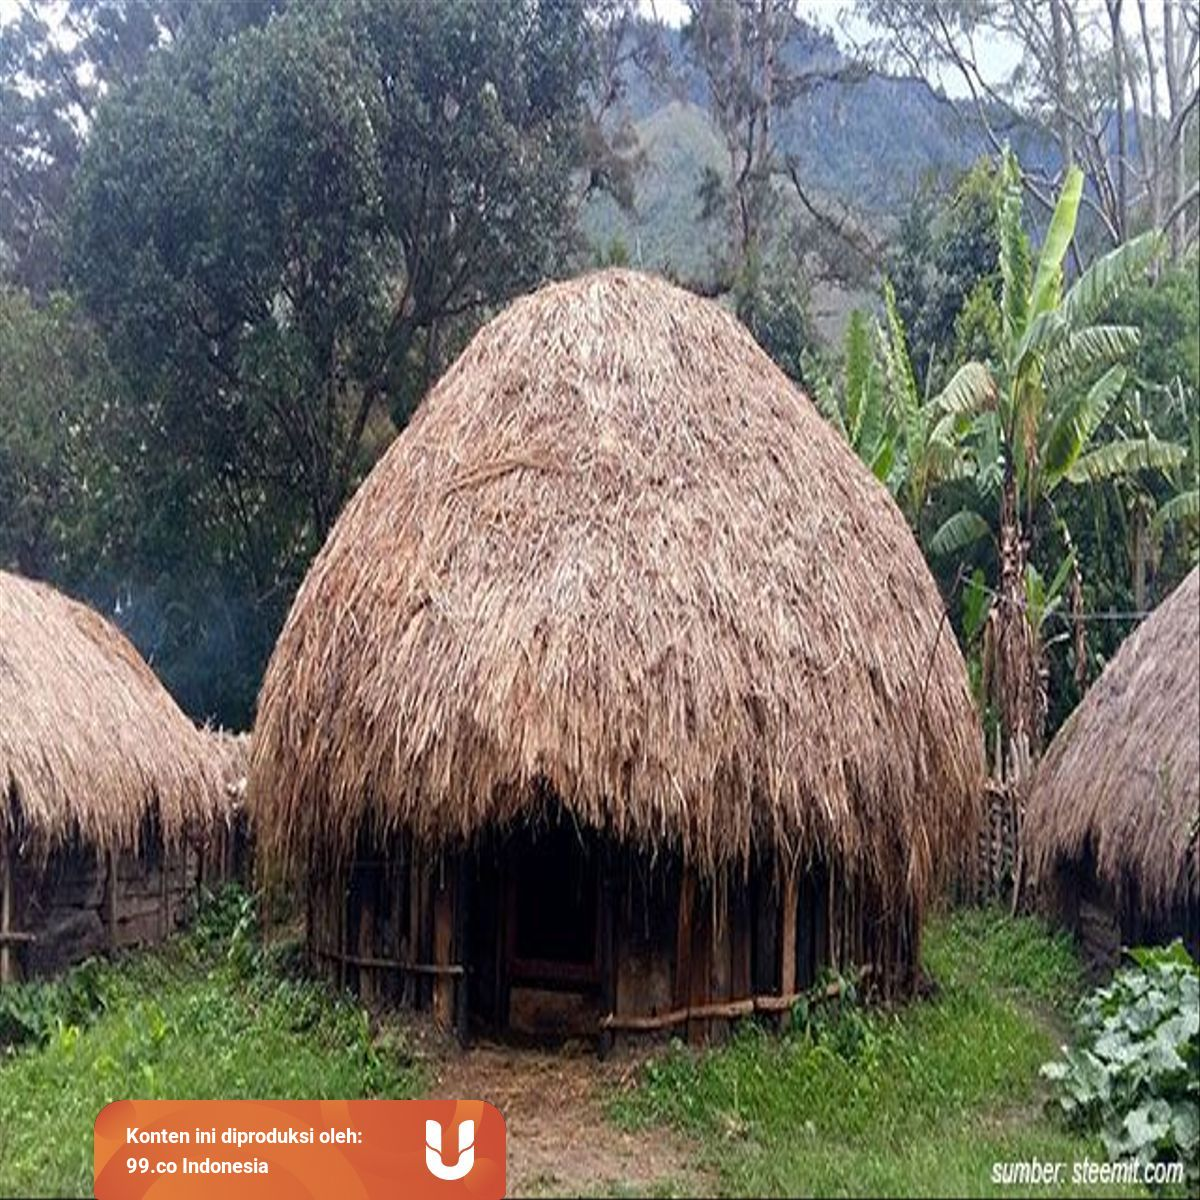 Mengenal Rumah Adat Papua Beserta Penjelasannya Lebih Dalam Kumparan Com